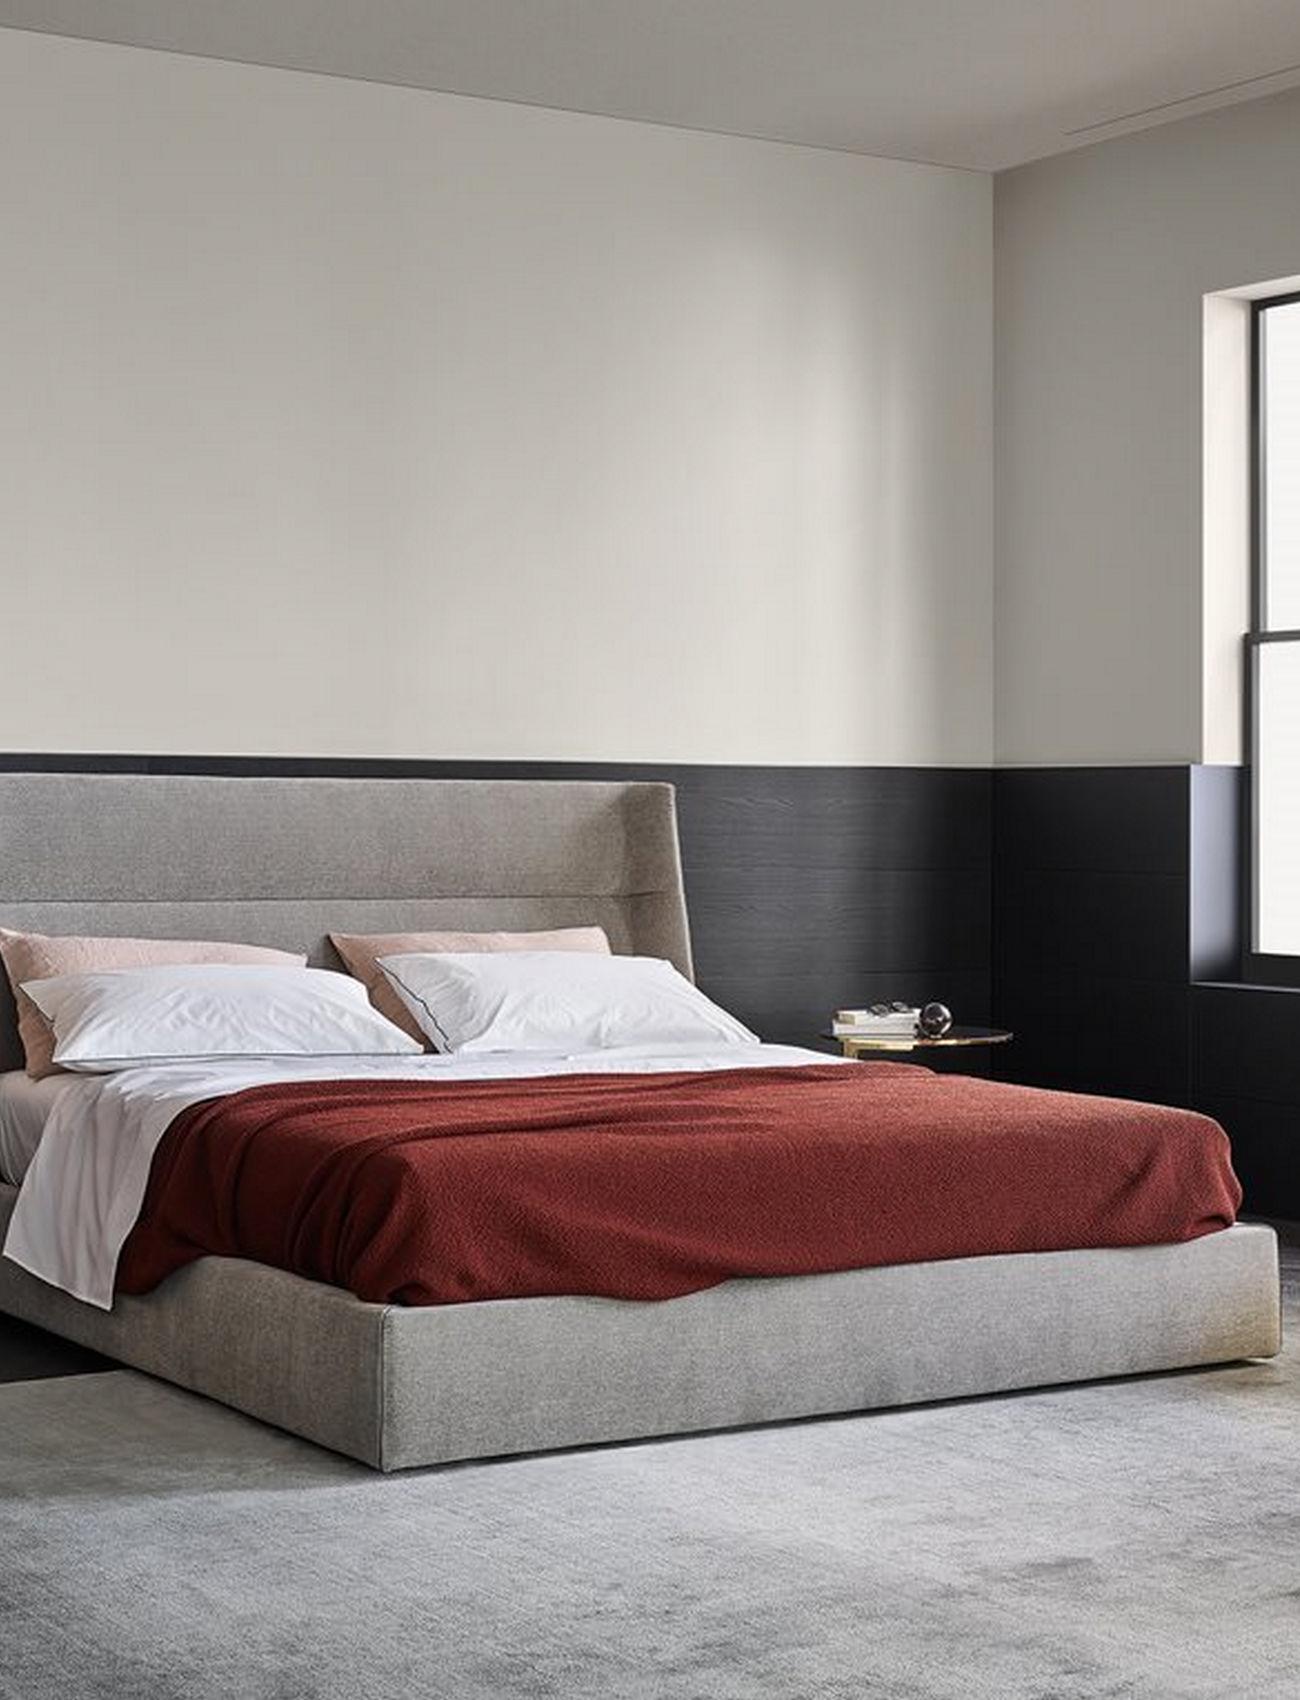 Bedroom / Beds